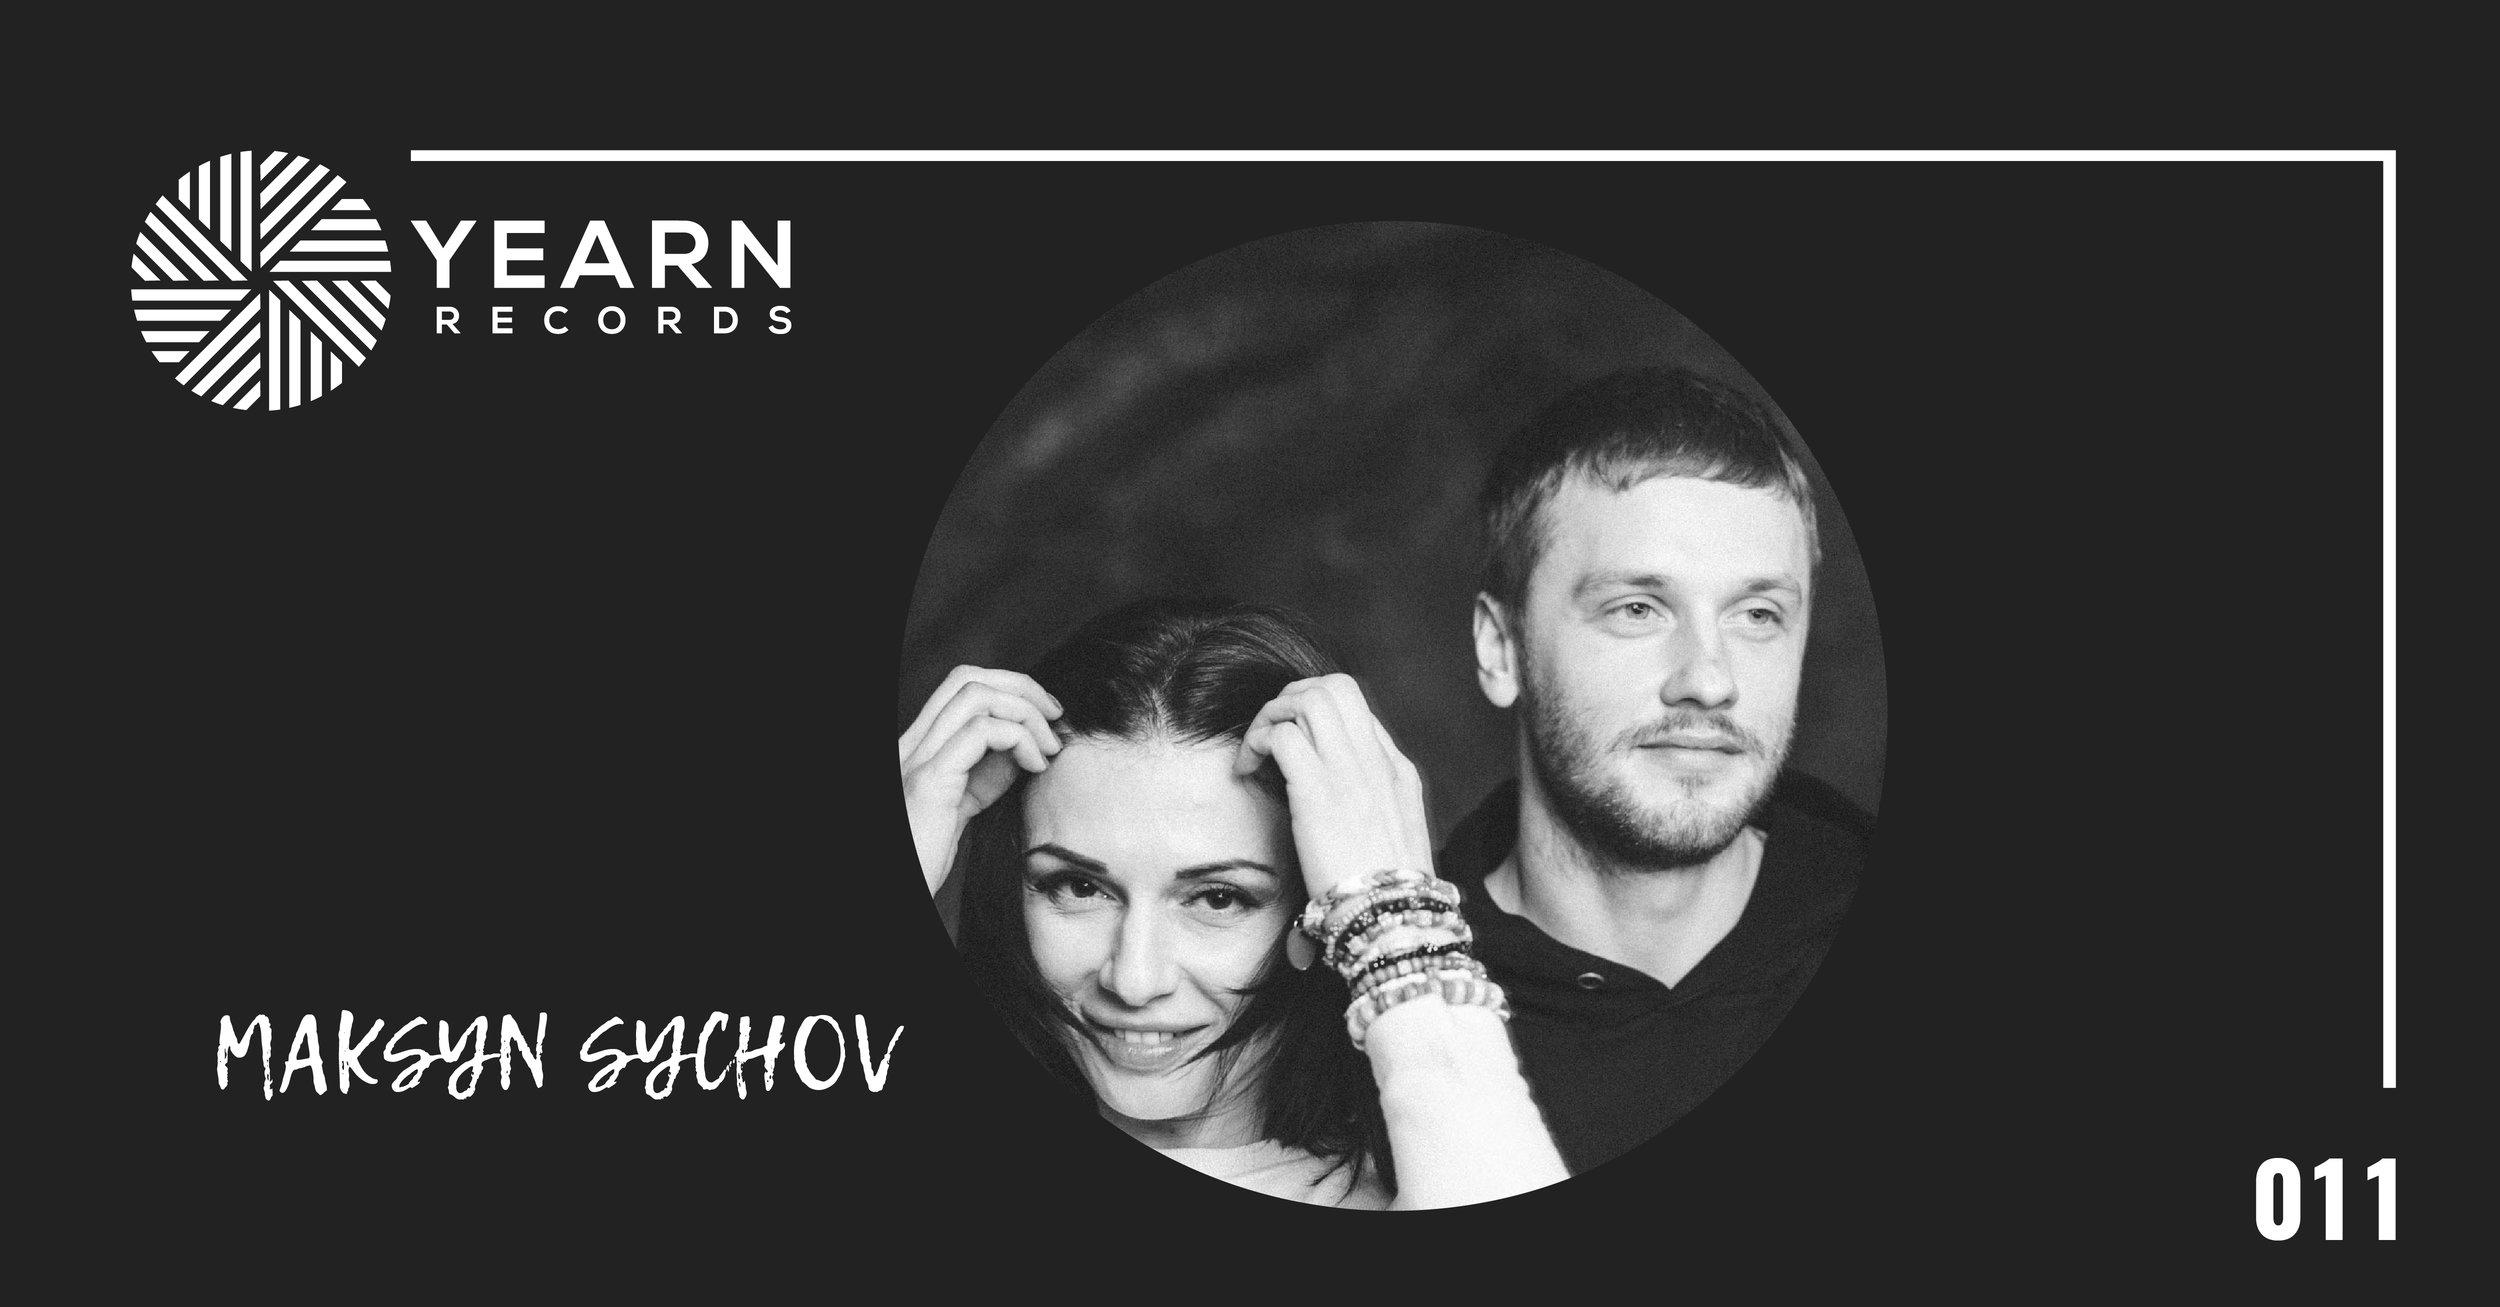 011-Maksyn-Sychov-banner-01-01jpg-01-01-01.jpg